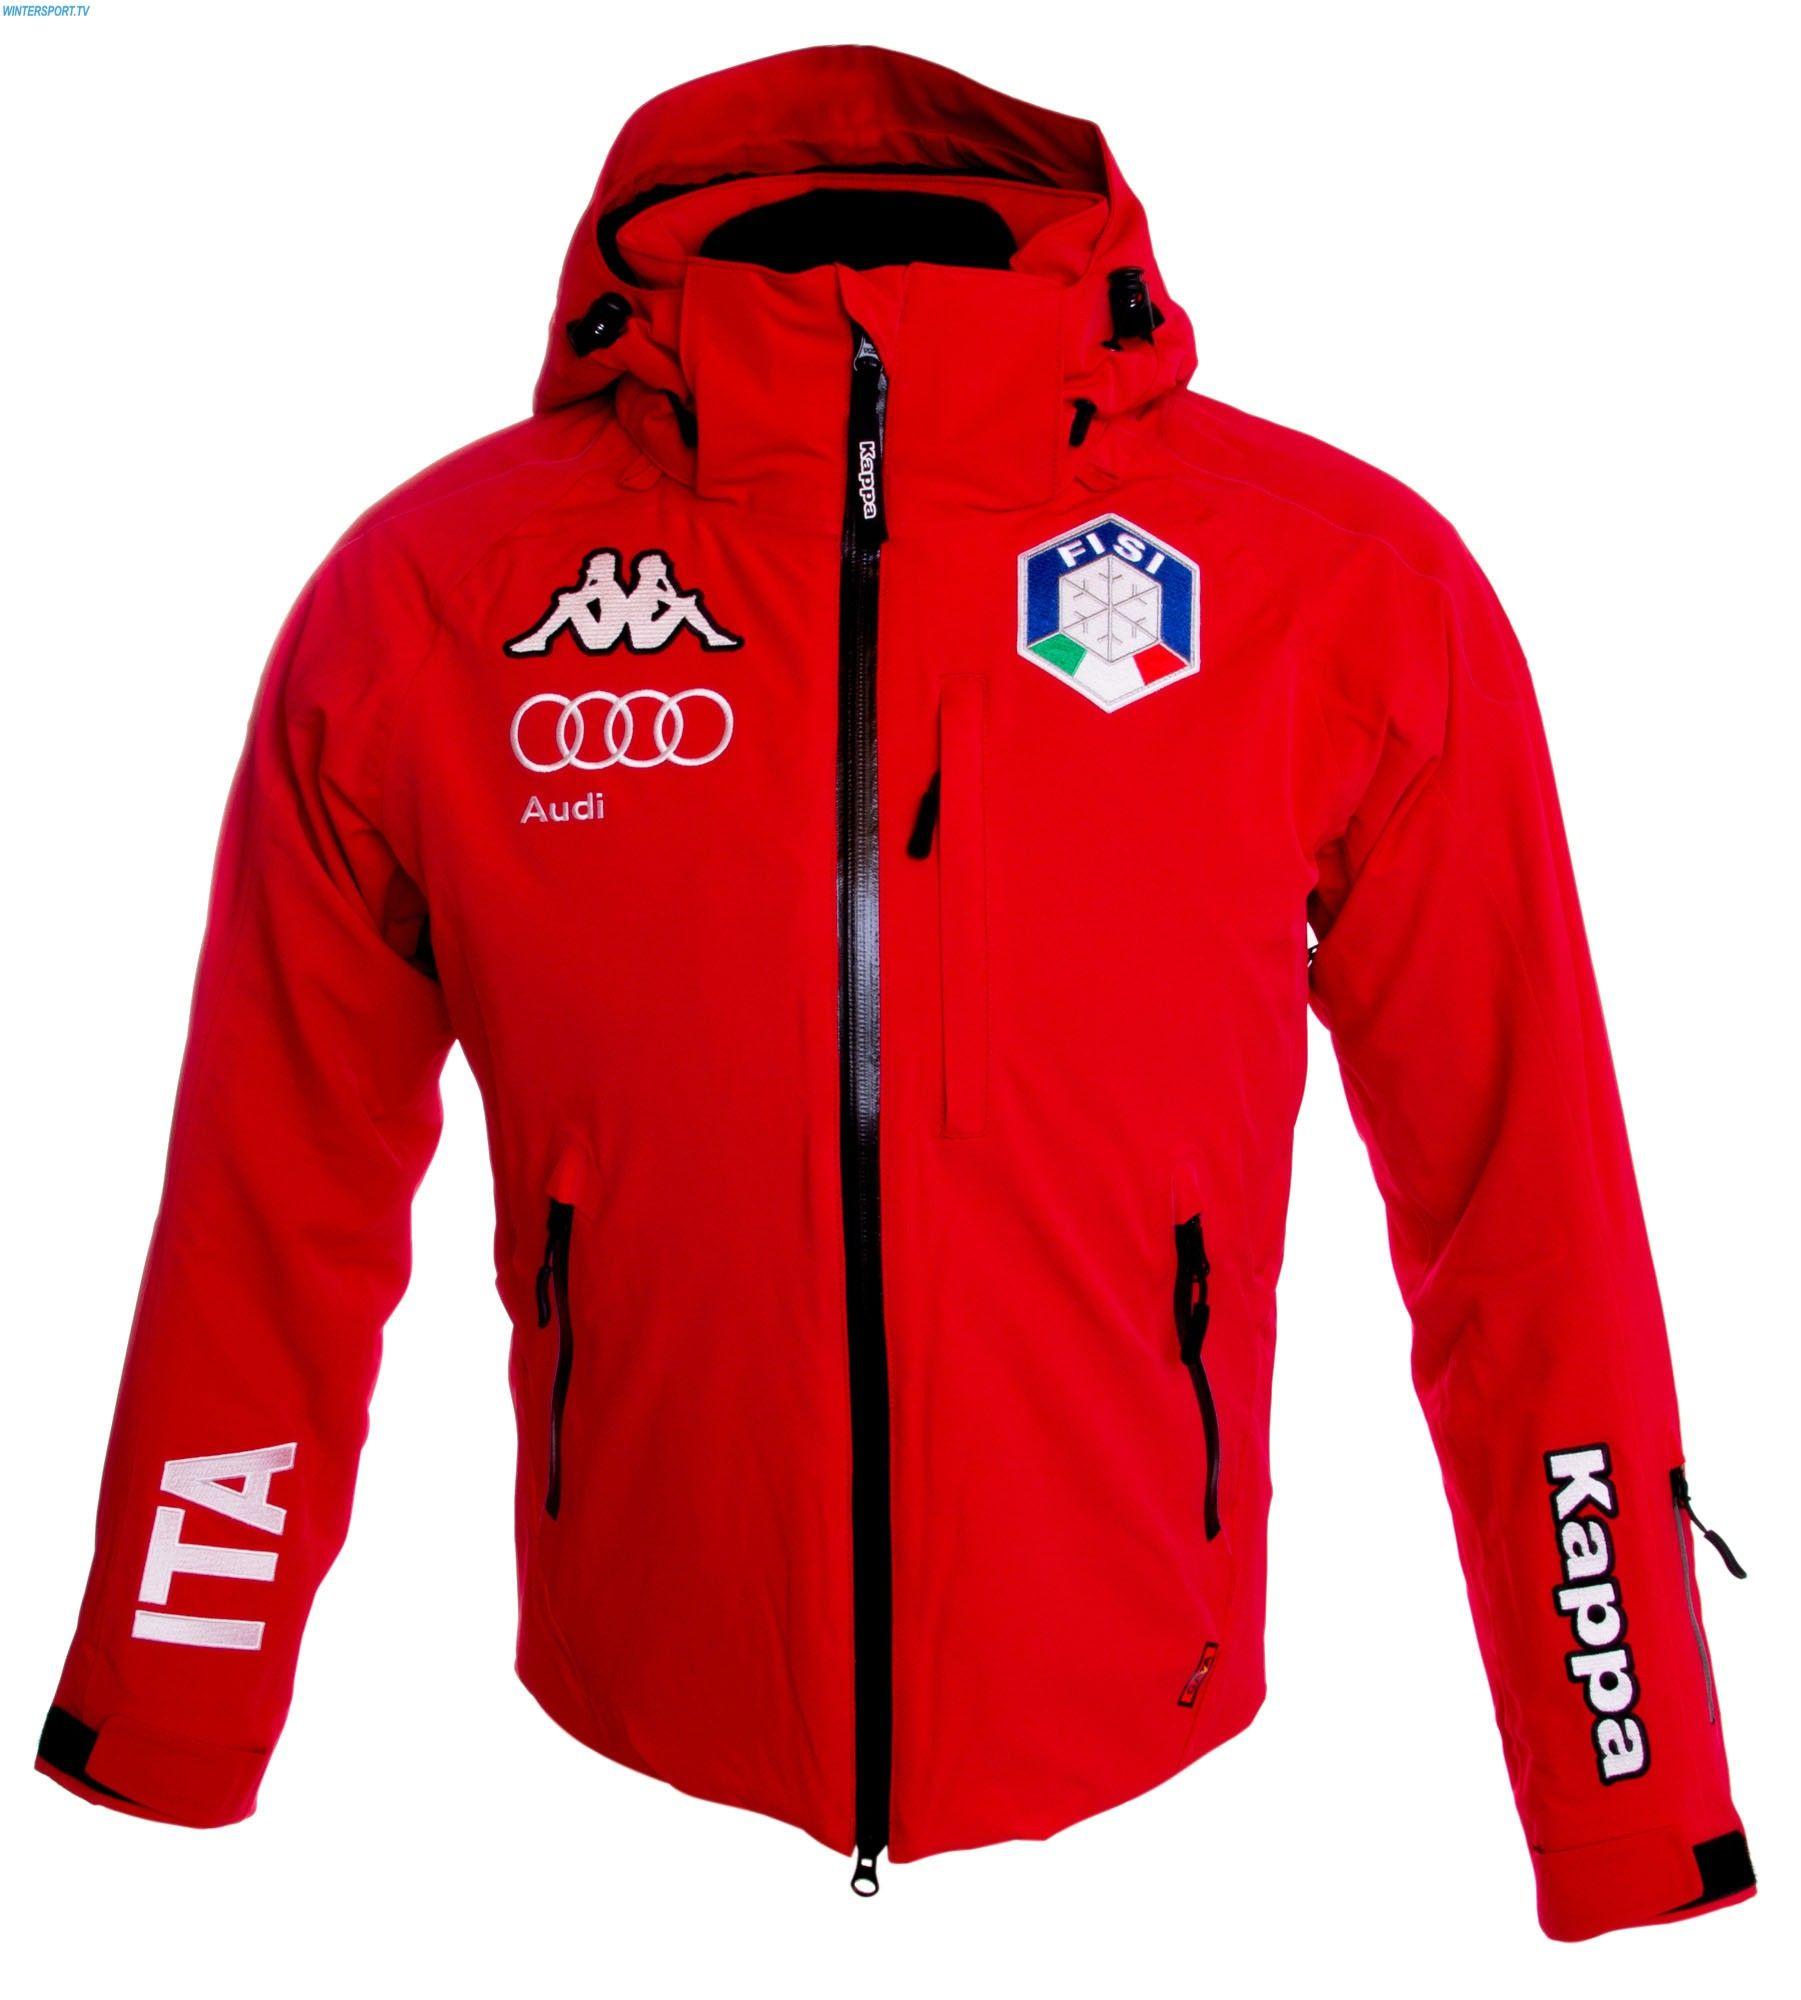 567ae1339efa Kappa Herren Italien Team FISI Jacke – Red Αλπικό Σκι